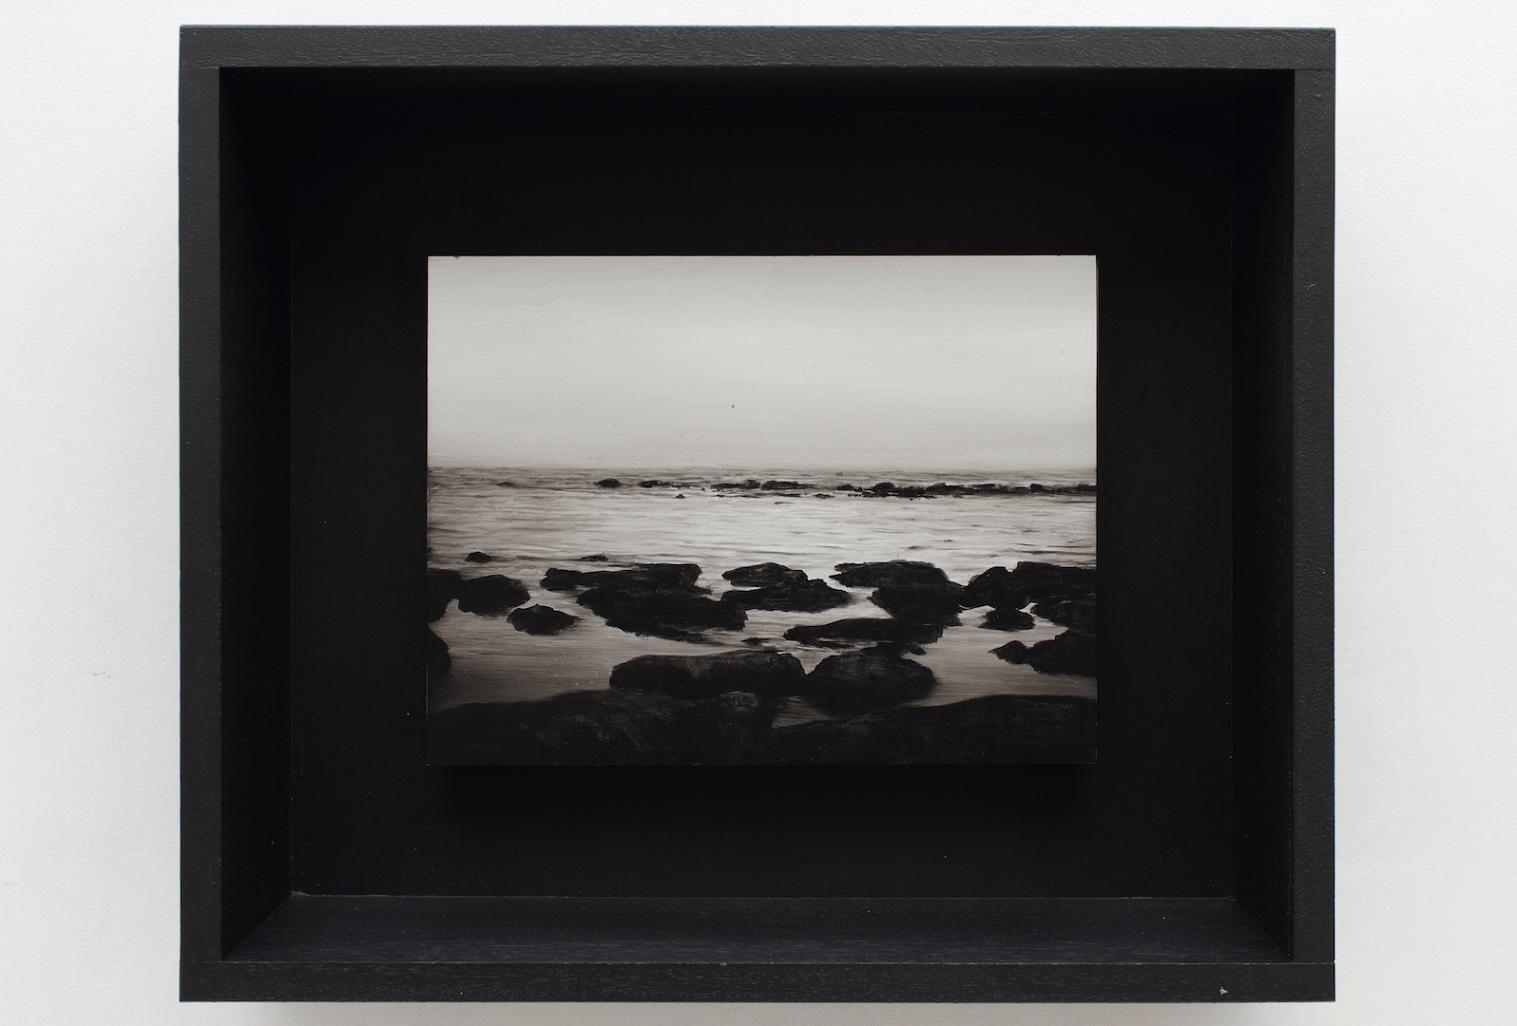 Ettore Frani, Requiem 2016, olio su tavola laccata e acrilico su akò cm 34,5x40,5x10. Courtesy L'Ariete Arte contemporanea Foto: Paola Feraiorni